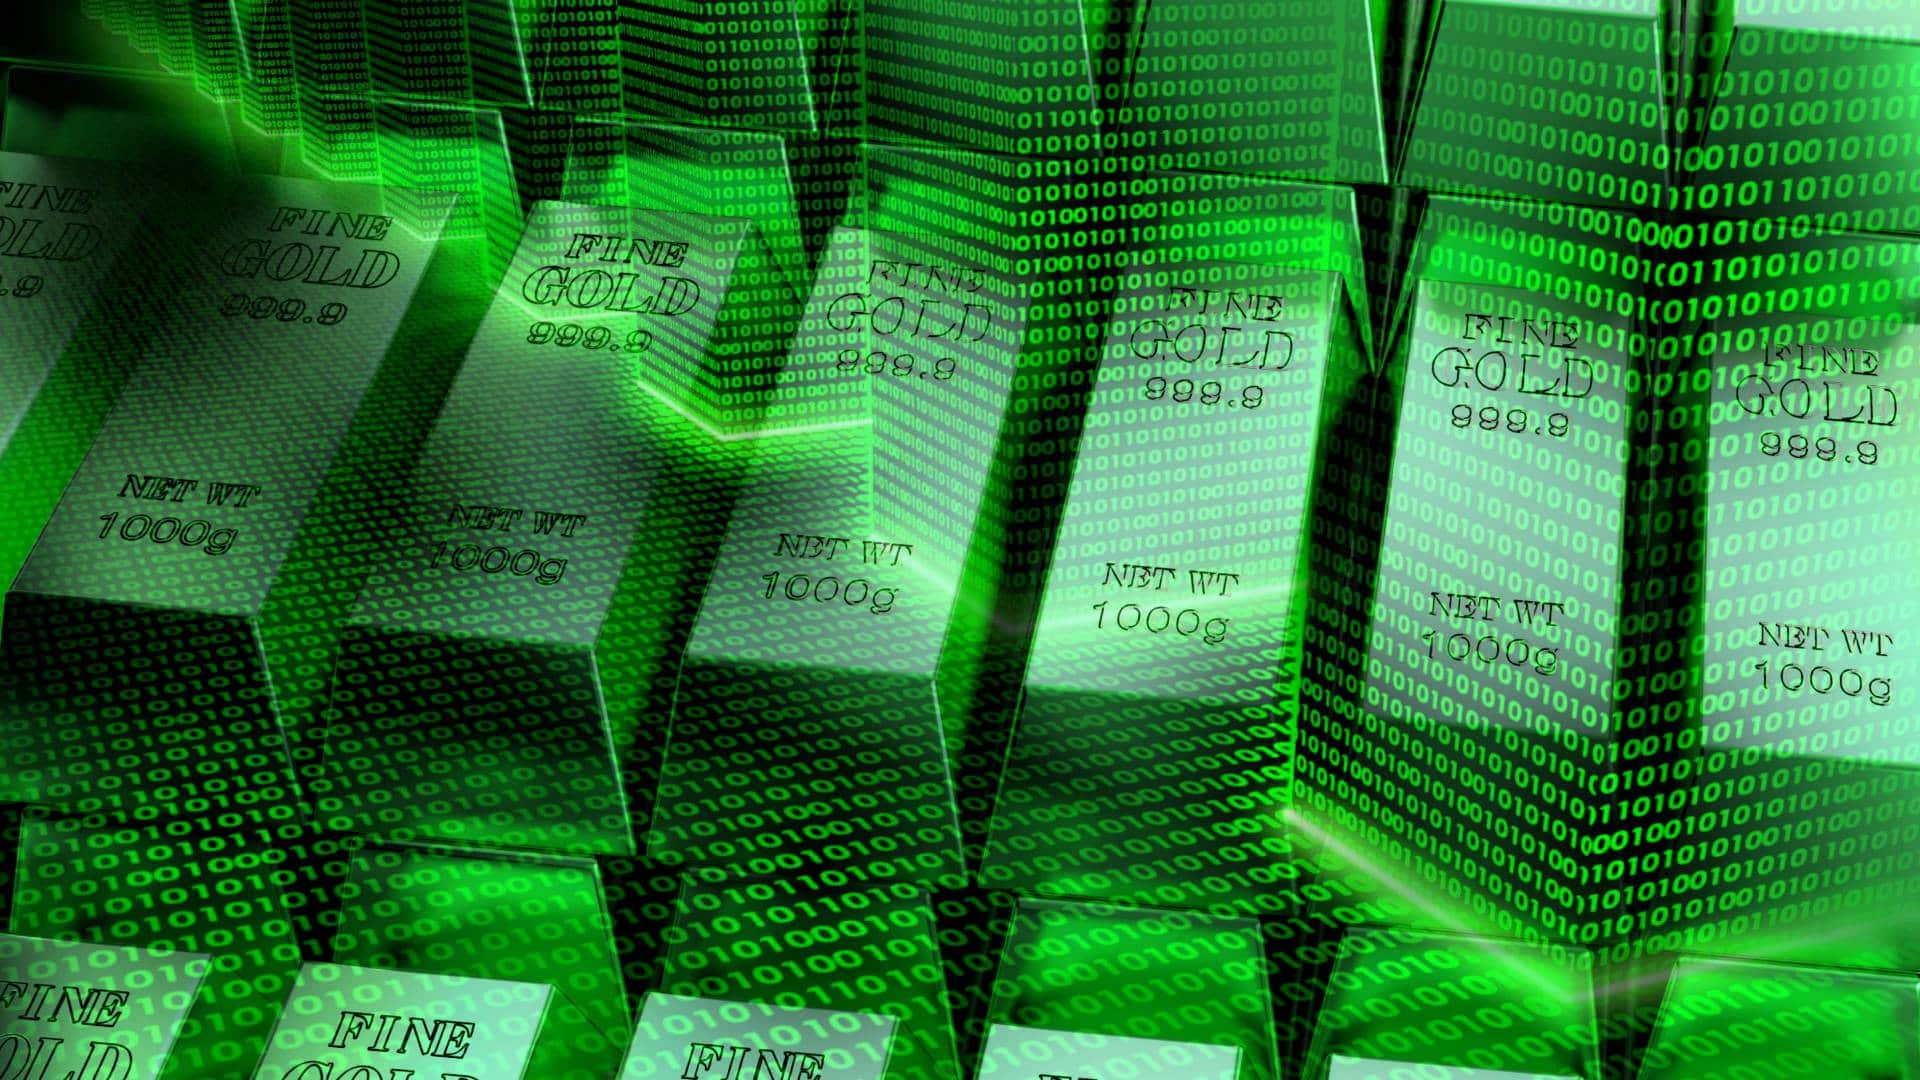 цифровое золото. эволюция денег и третья мировая война